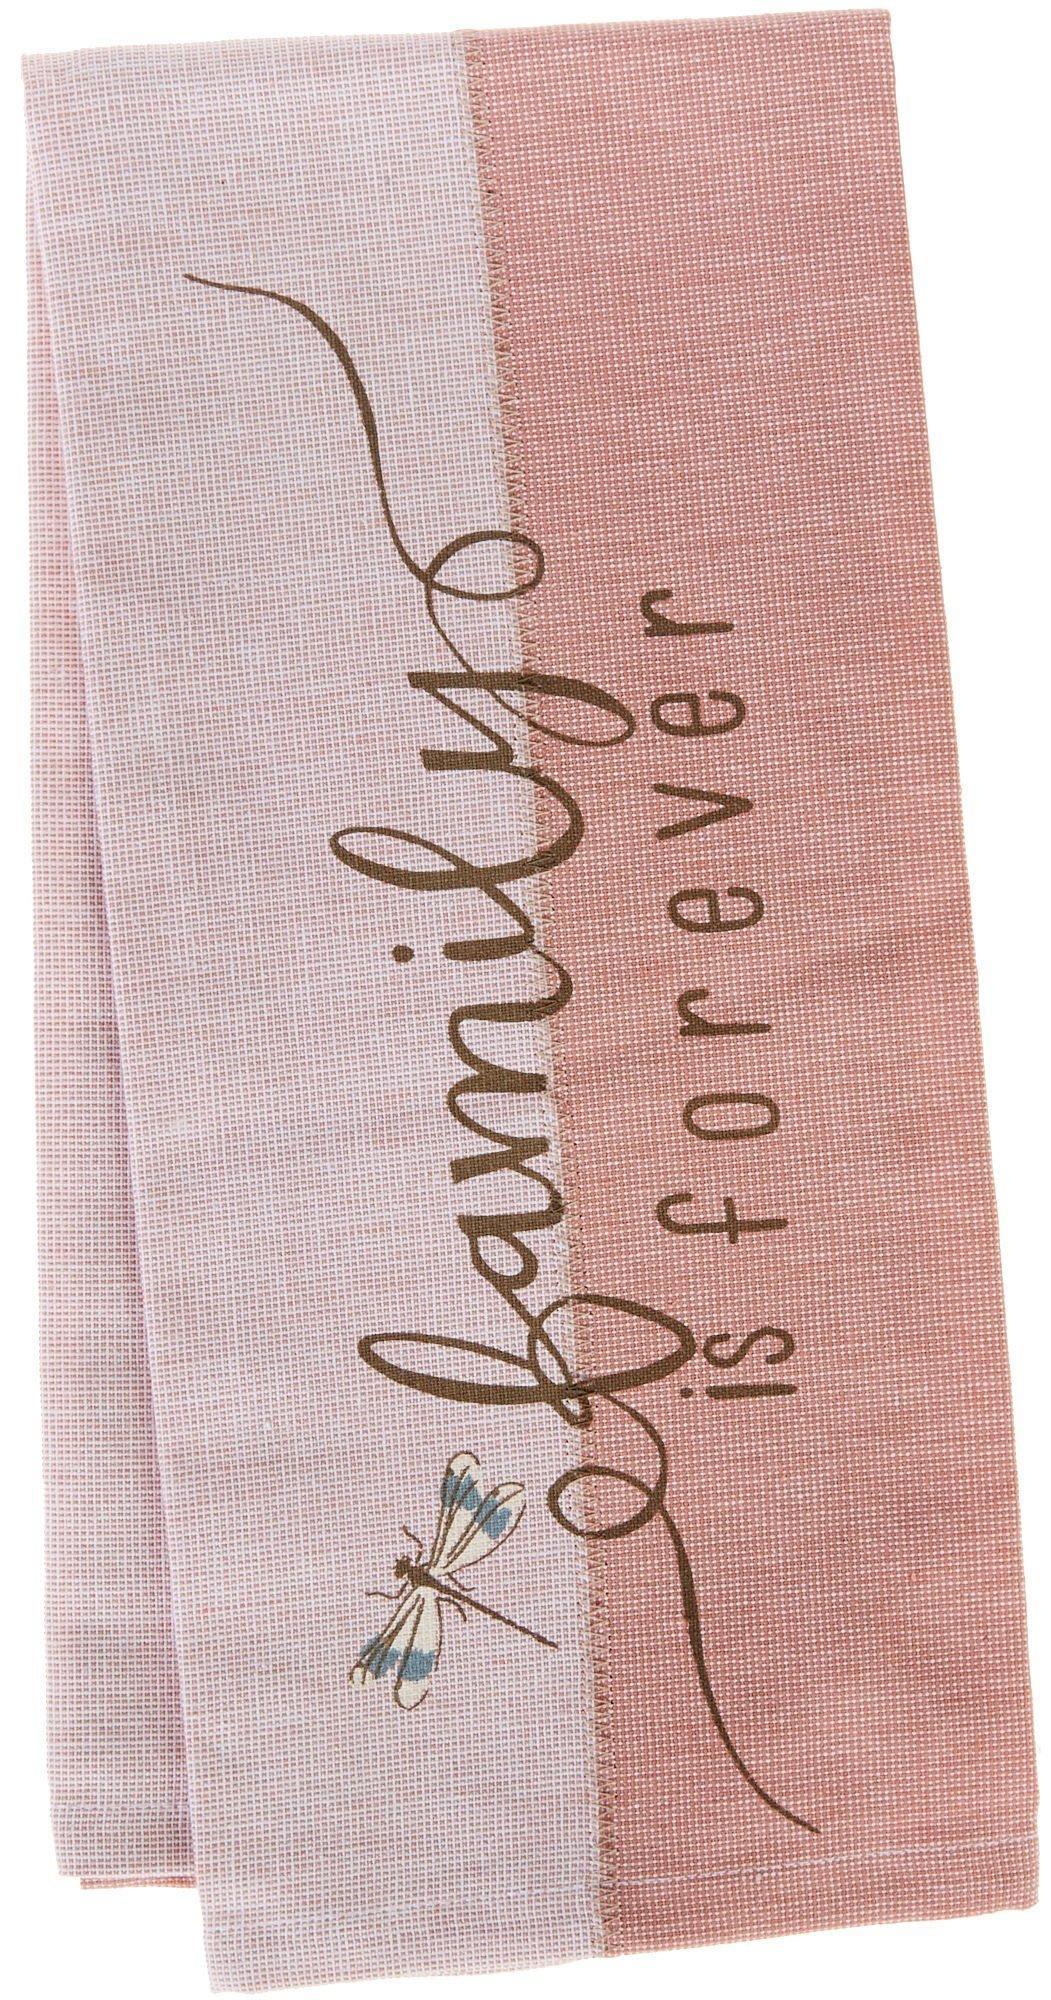 Kay Dee Designs Handmade By Lisa Family Tea Towel